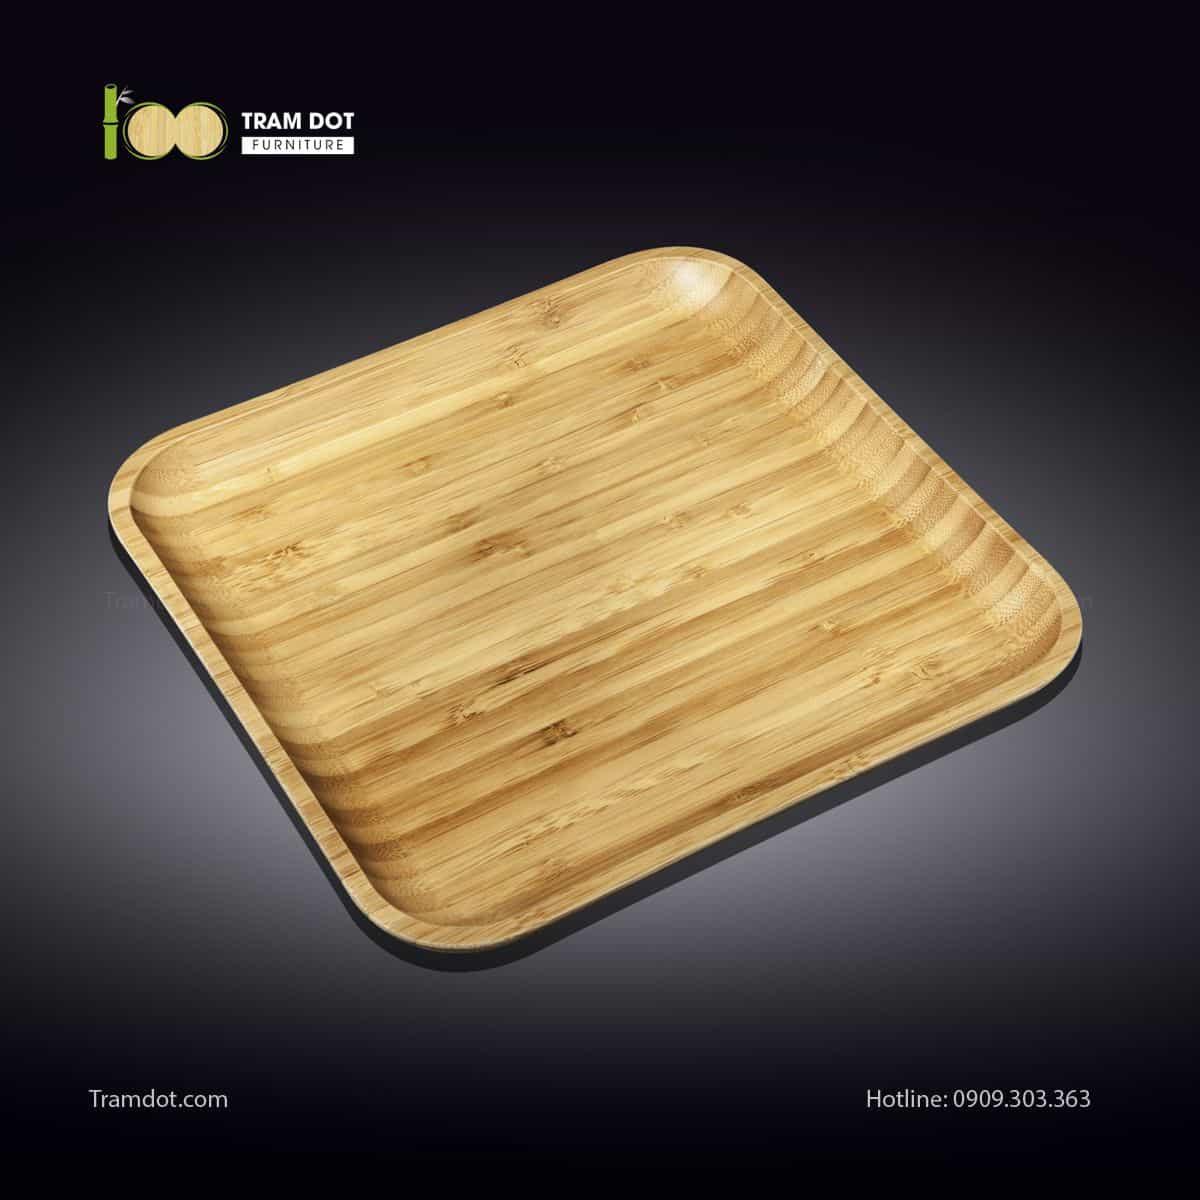 Đĩa tre vuông 35.5×35.5cm (HỘP 30 CÁI)   TRAMDOT Furniture